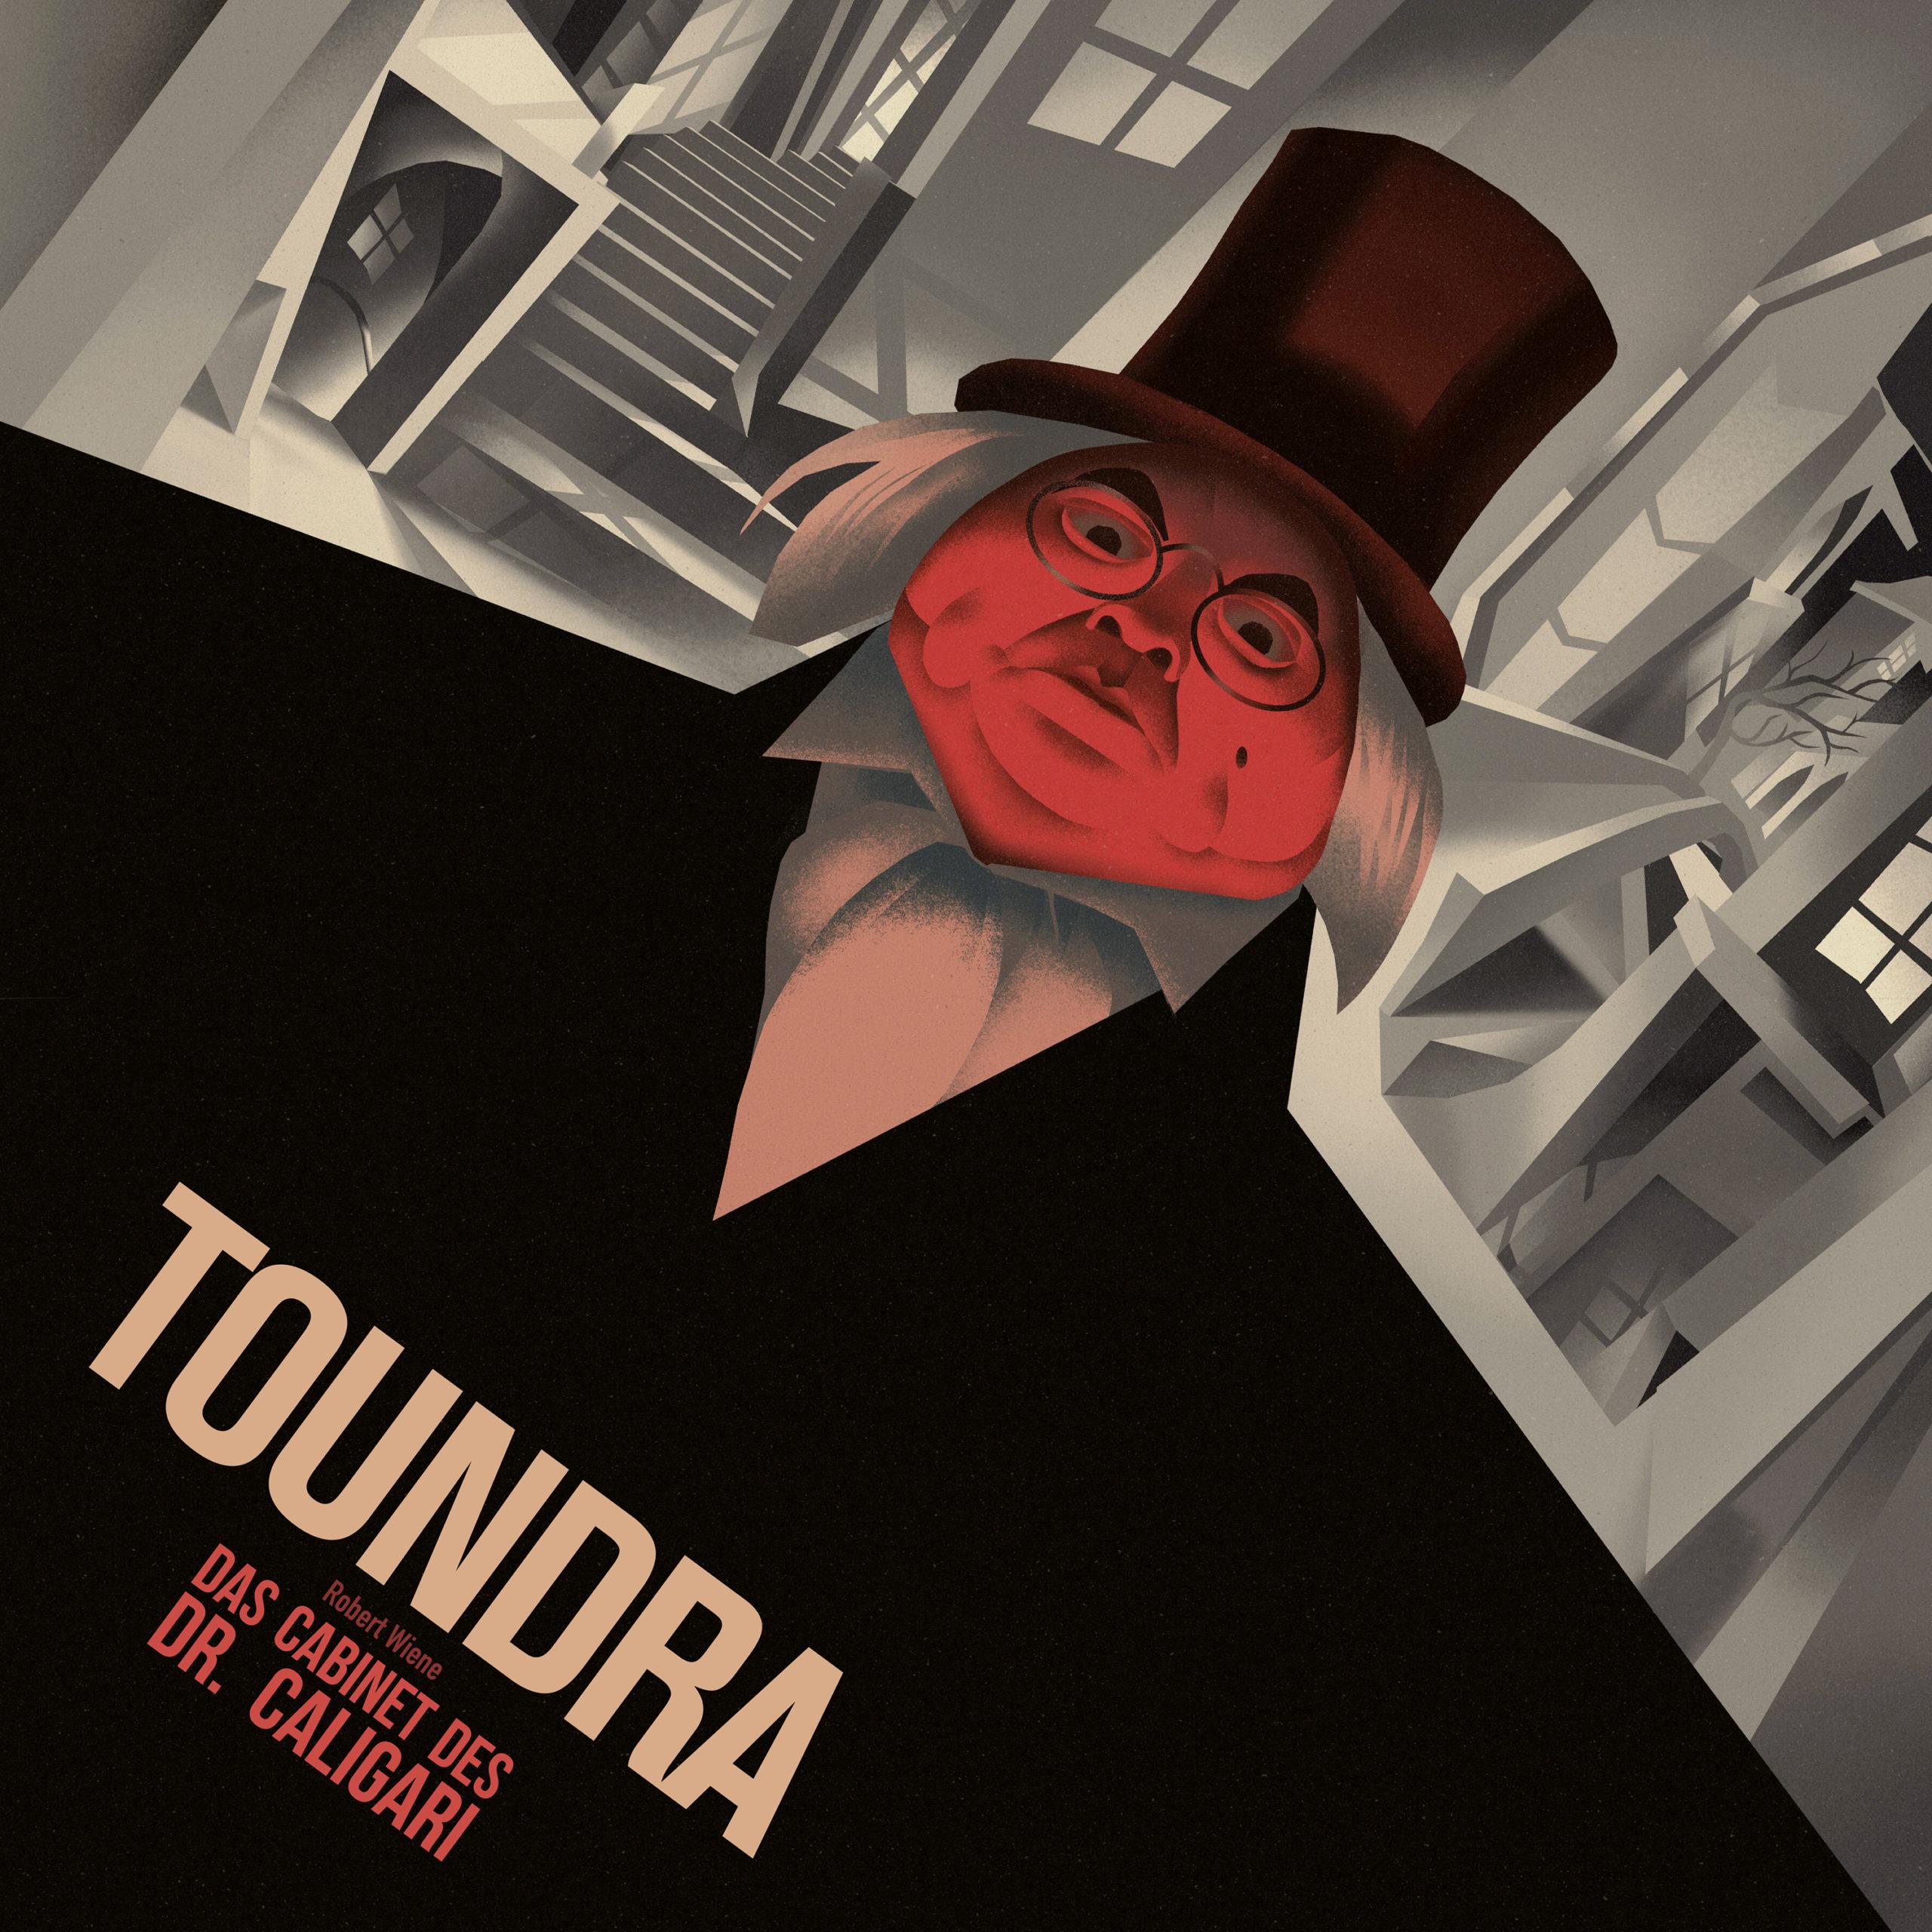 Toundra: Das Cabinet des Dr. Caligari